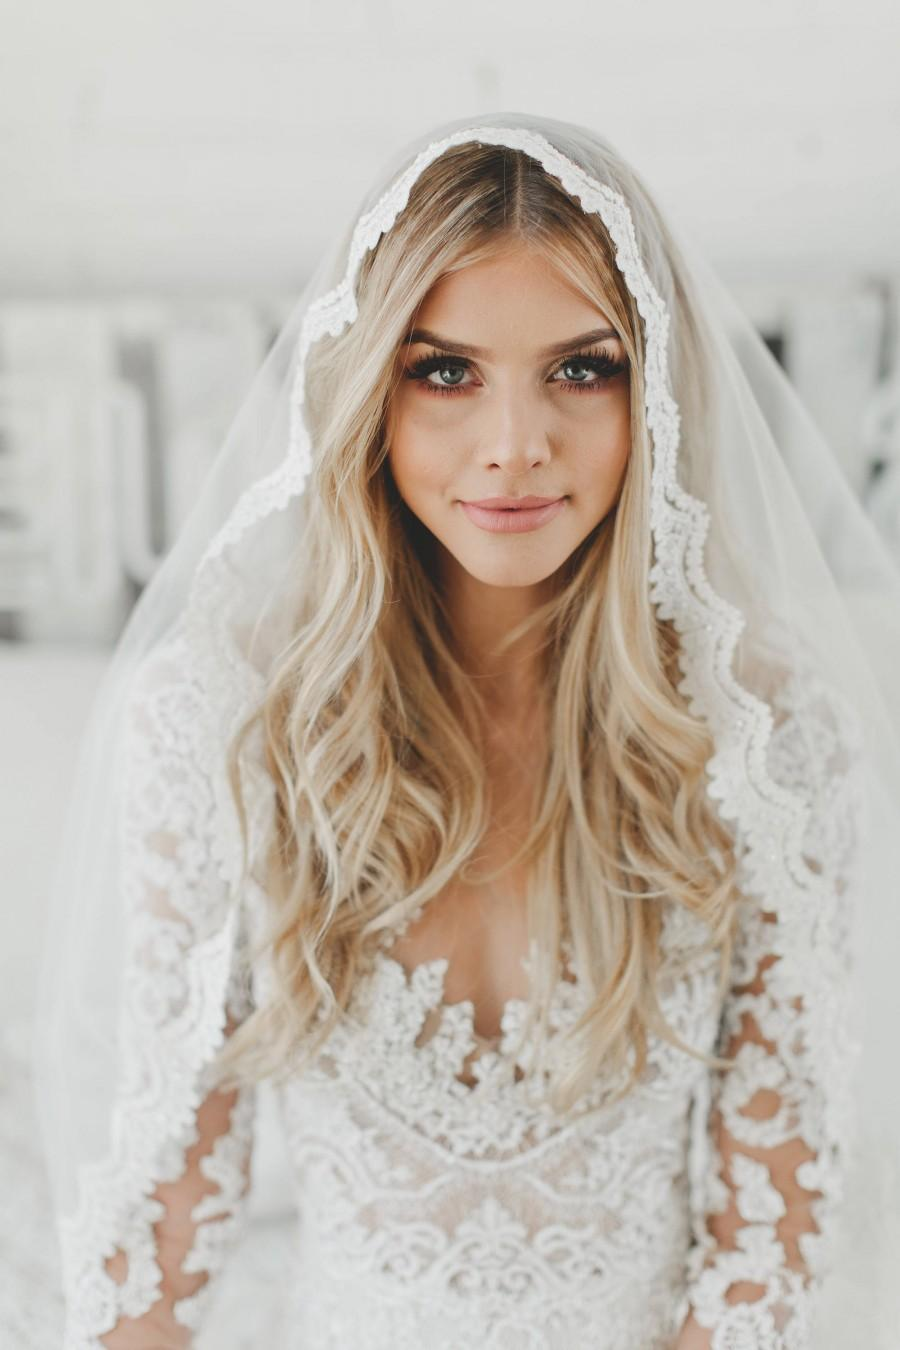 زفاف - Fingertip Lace Veil, Bridal Veils, Fingertip Length Lace Veil, Wedding Veil, Catholic Mantilla Veil, Lace Edge Veil, Single Layer Veil, 1605